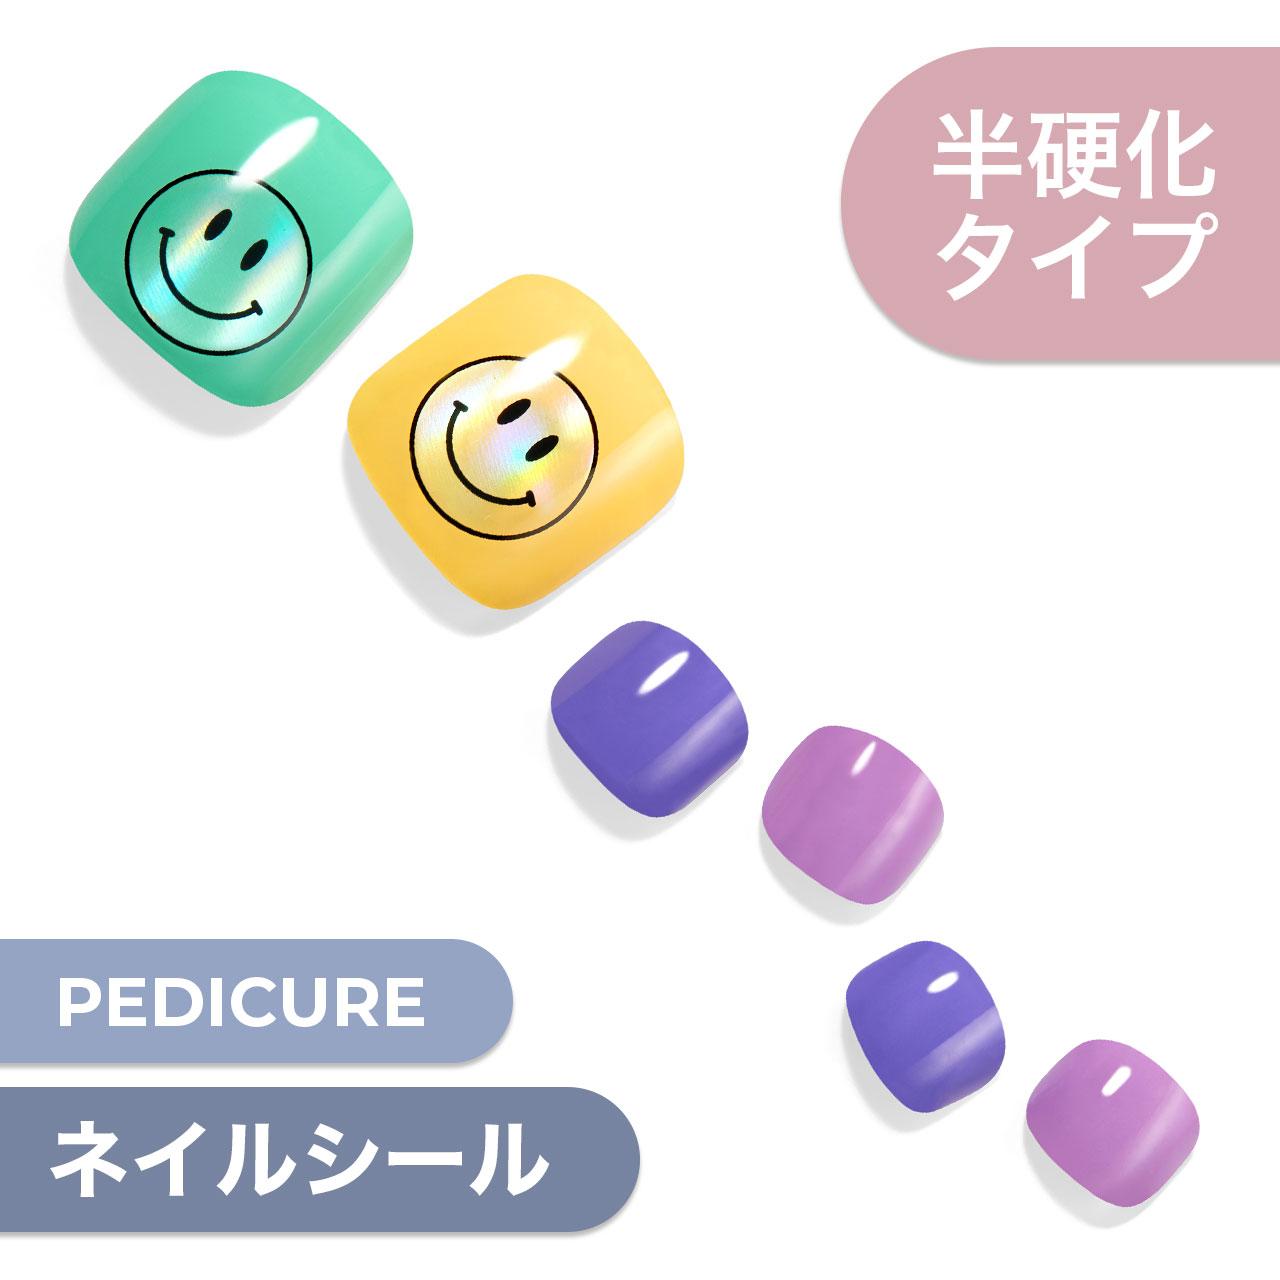 【Colorful Smile】ダッシングディバグレーズ ペディ